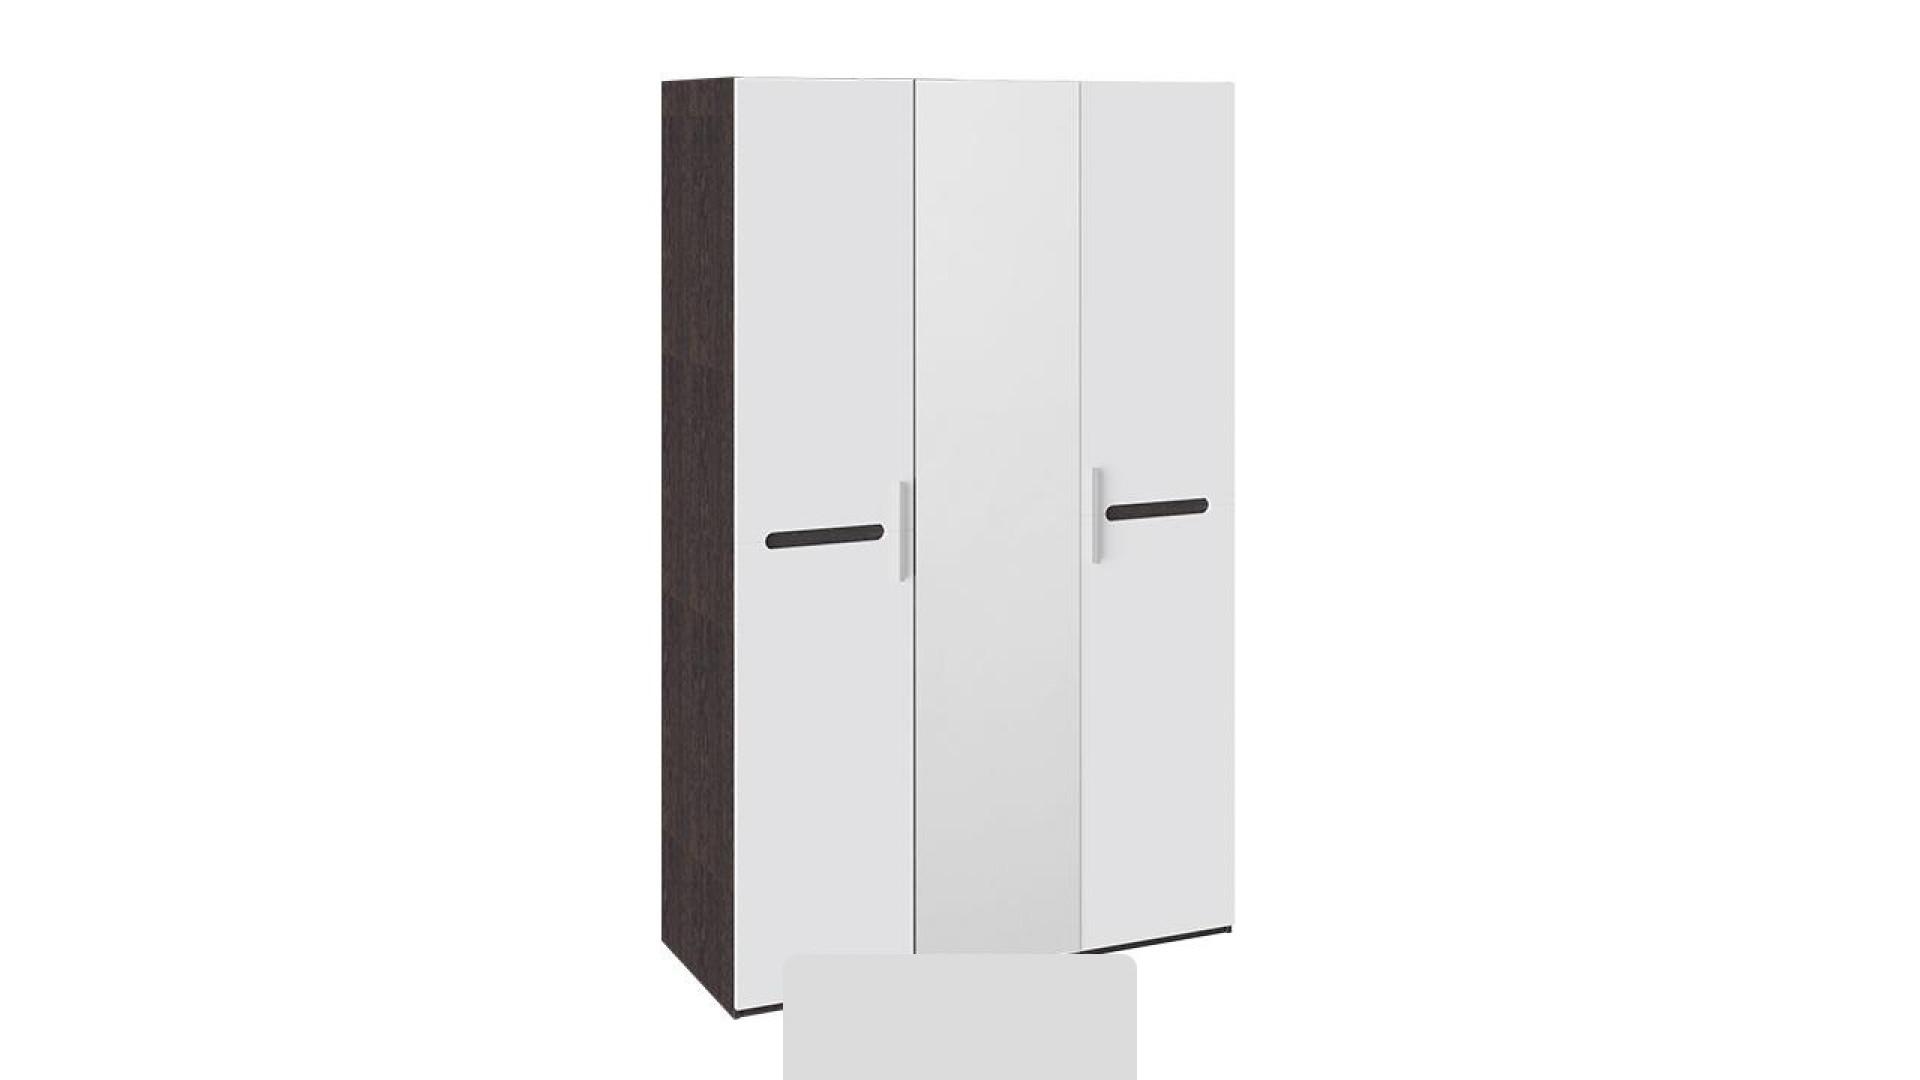 Шкаф комбинированный с 3-мя дверями Фьюжн (Белый глянец, Венге Линум)